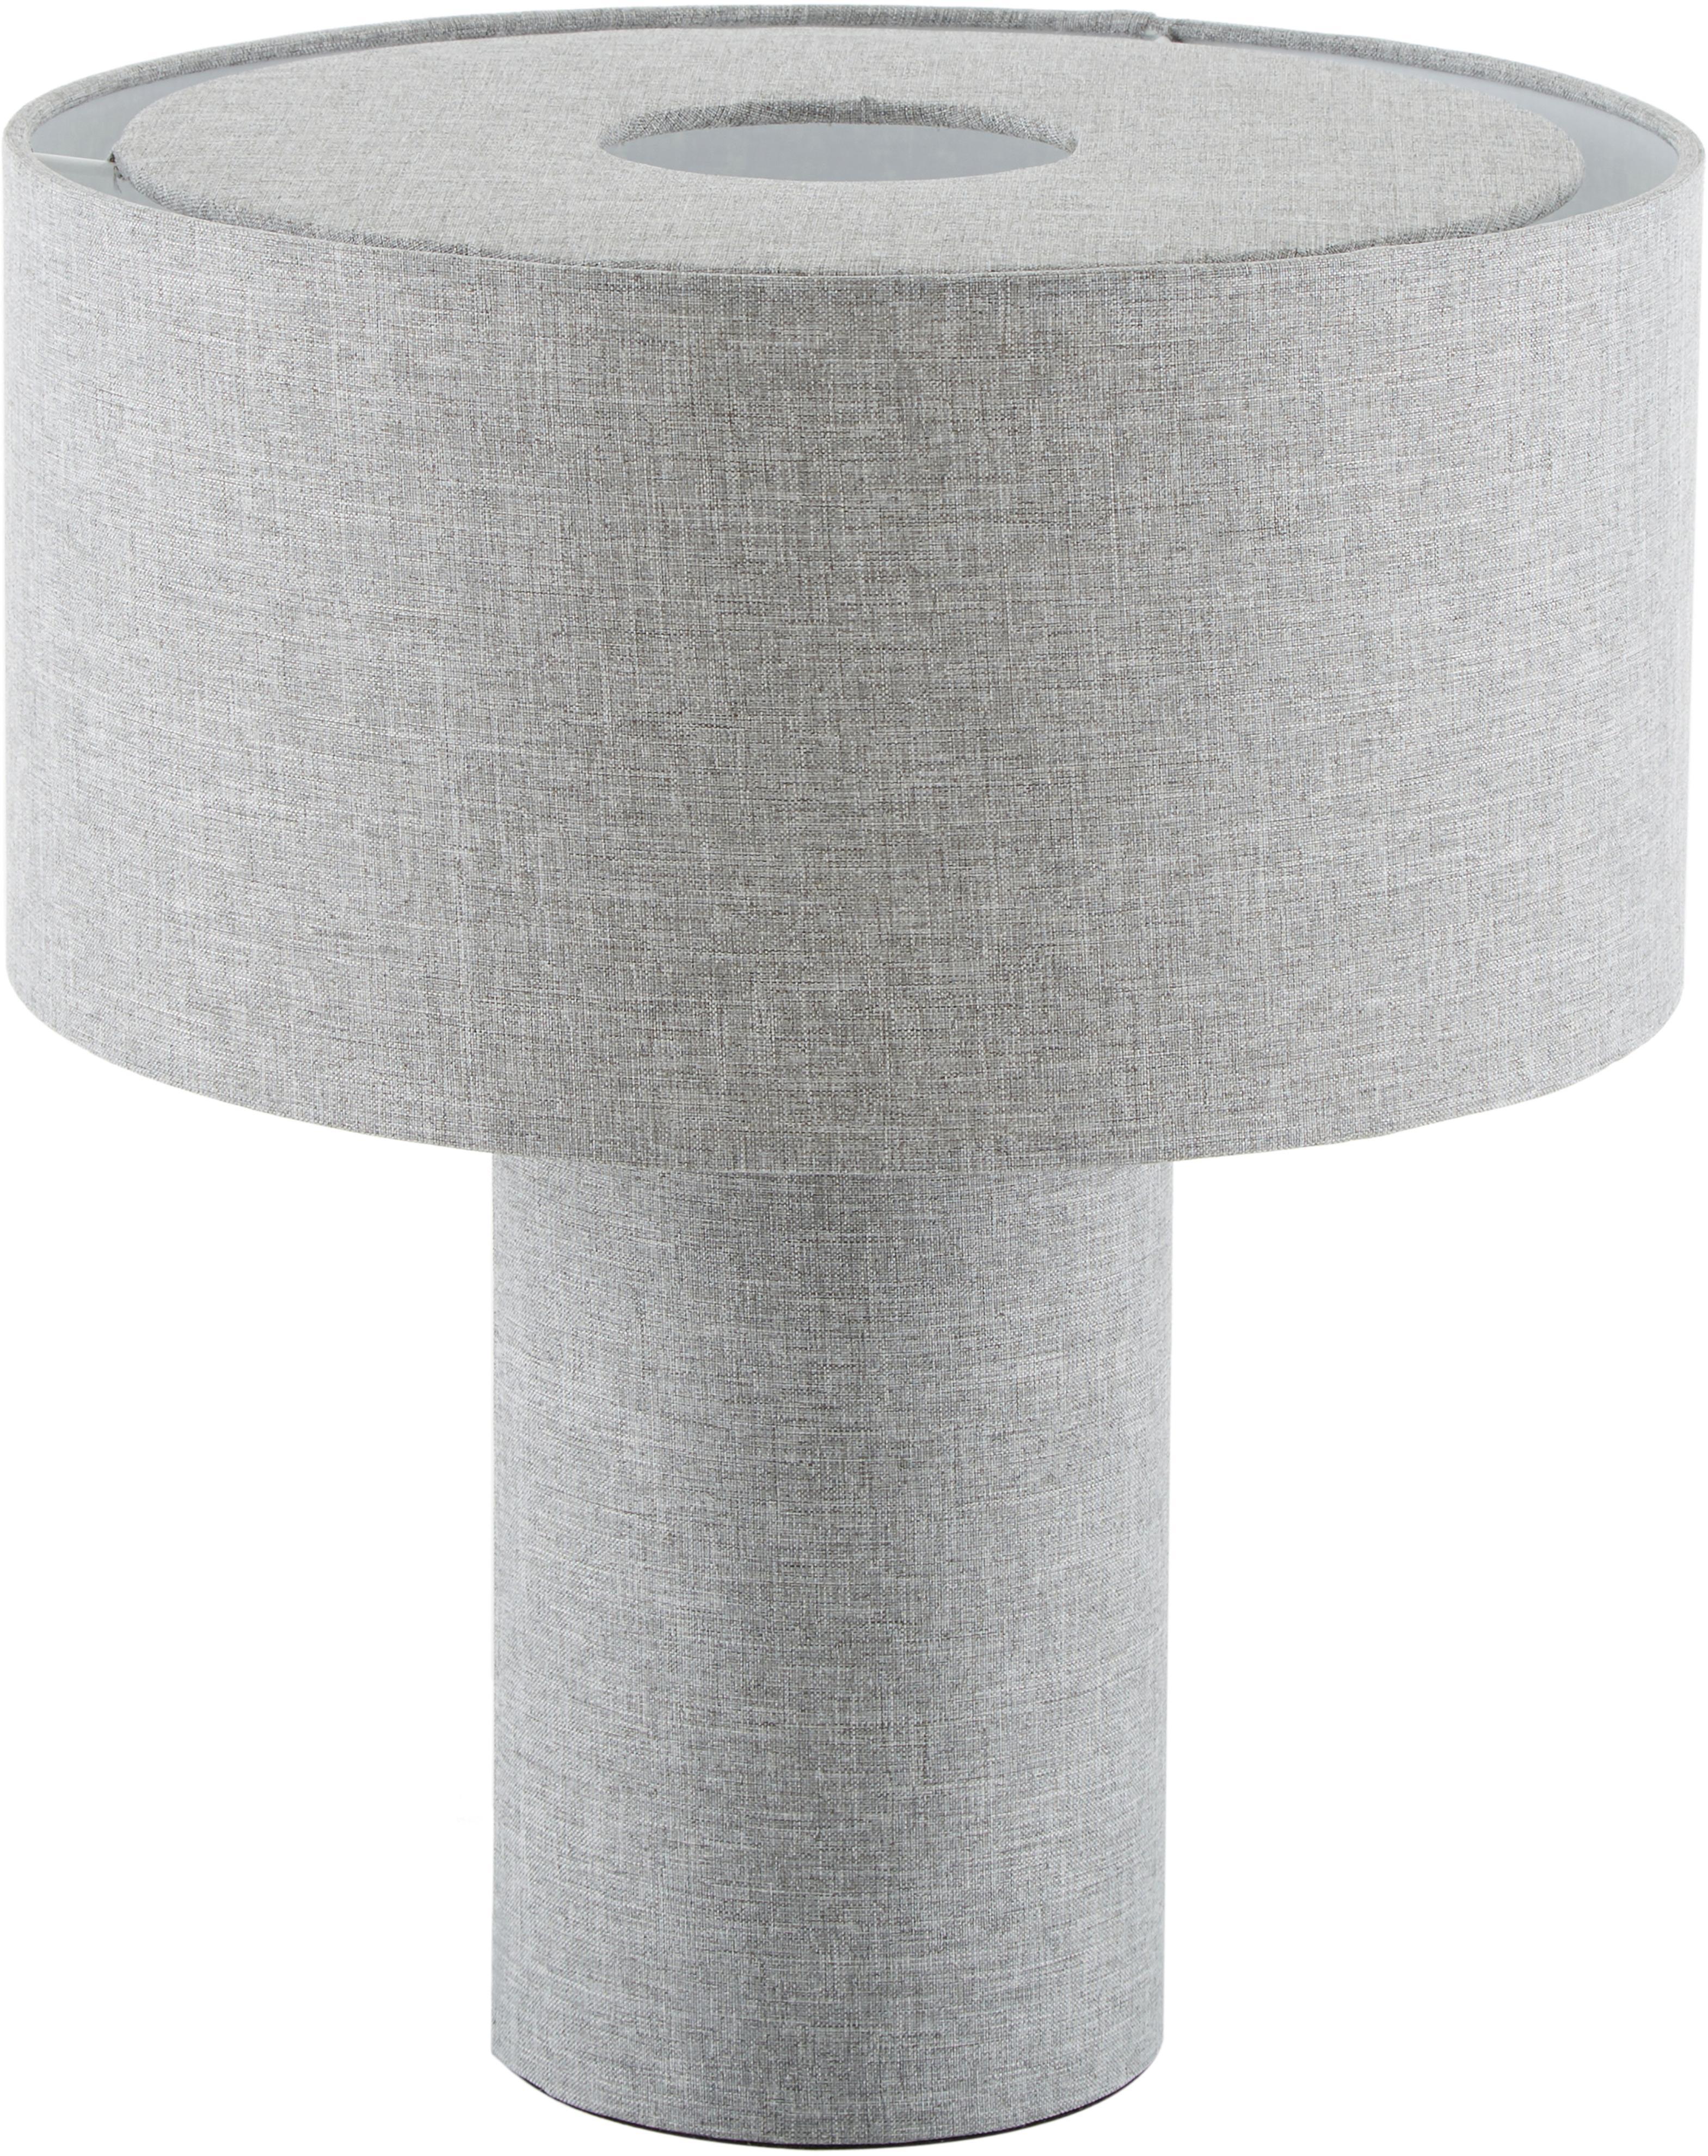 Tafellamp Ron, Lampenkap: textiel, Lampvoet: kunststof met textiel omh, Diffuser: textiel, Lampenkap: grijs. Lampvoet: grijs. Snoer: zwart, Ø 30 x H 35 cm